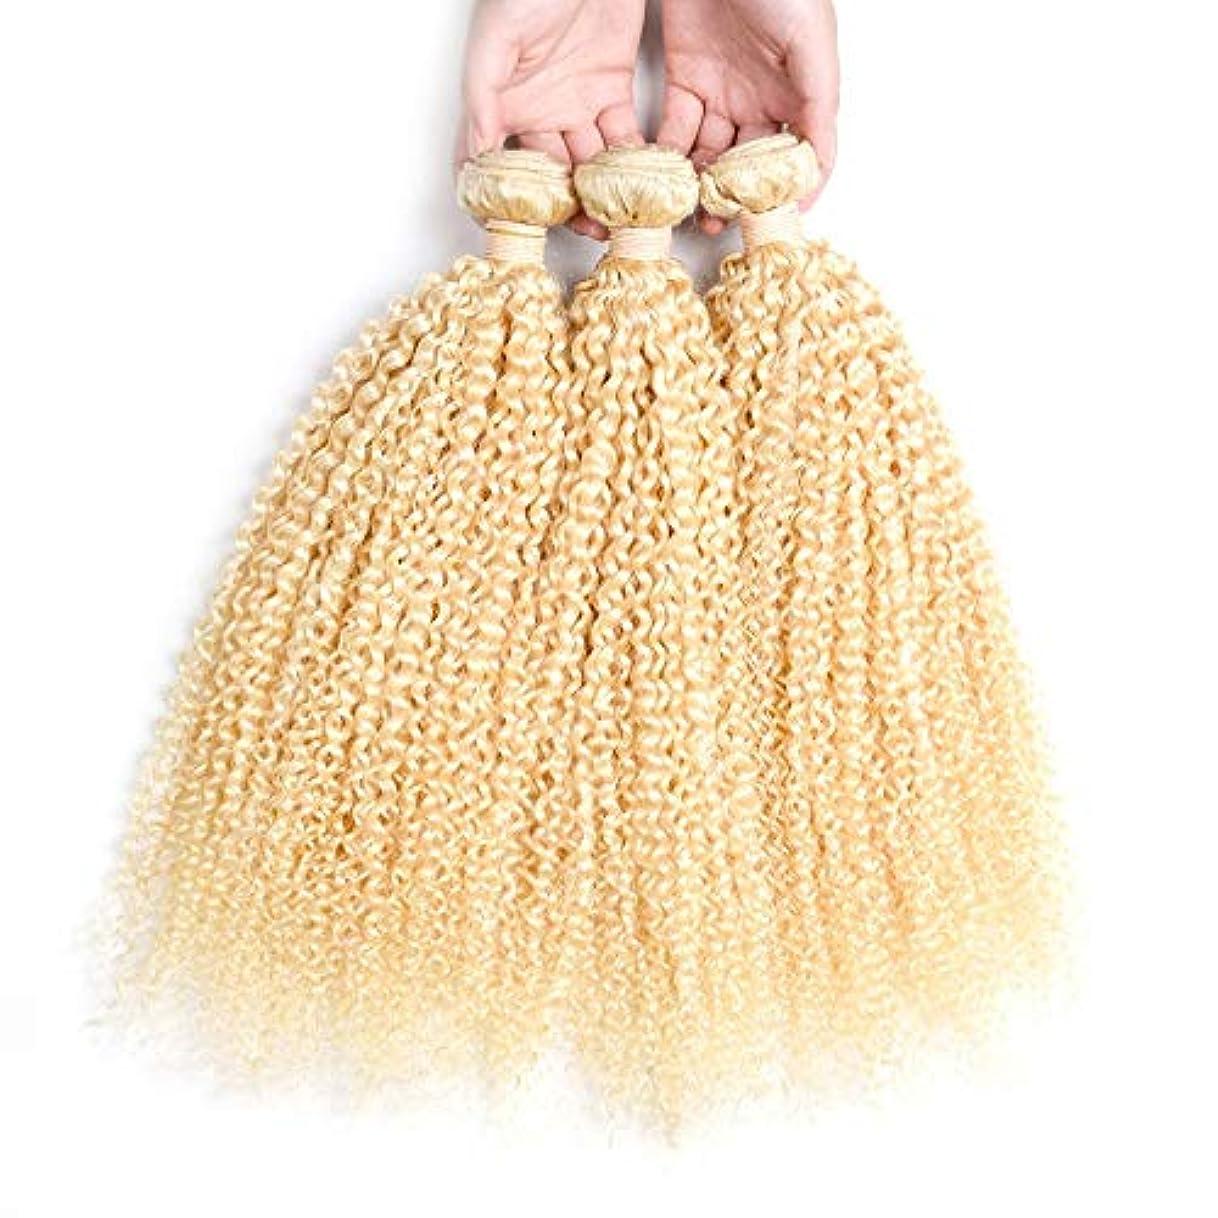 万歳急襲洗うHOHYLLYA ブロンドの人間の髪織りバンドル本物の変態カーリーヘアエクステンション横糸 - #613ブロンドの髪(1バンドル、10-26インチ、100g)ブロンドのかつら (色 : Blonde, サイズ : 10...